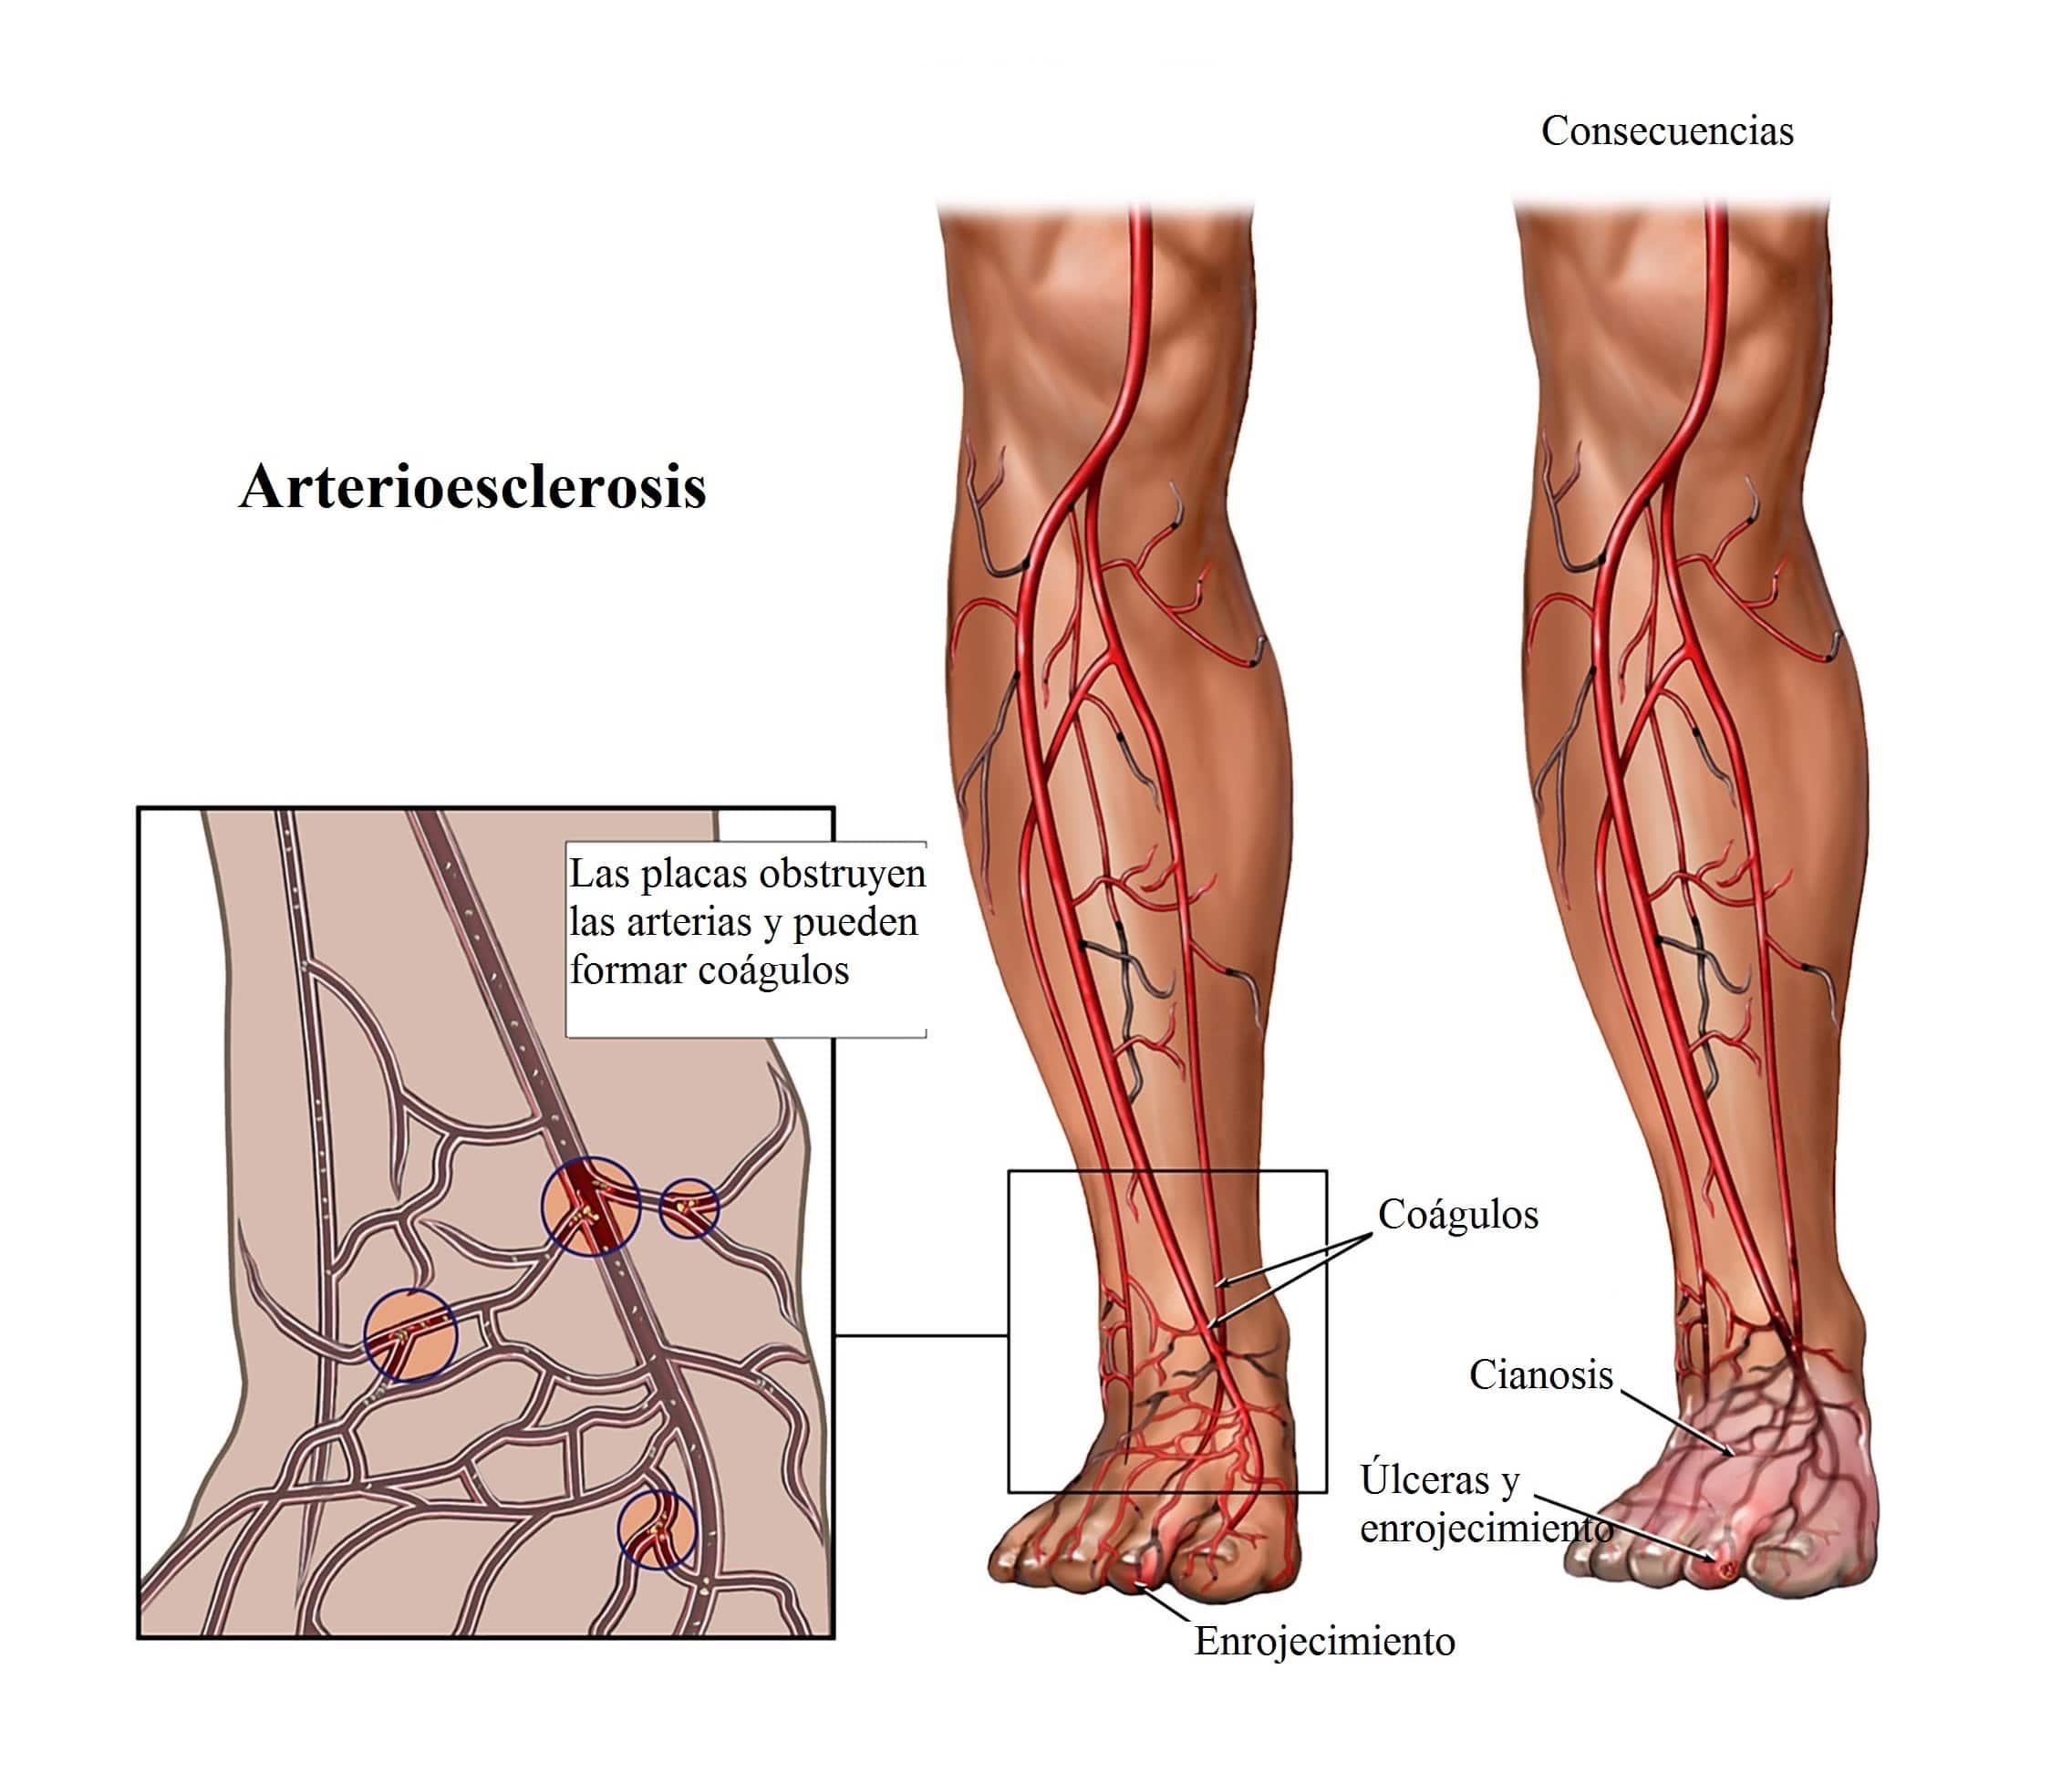 arterioesclerosis-piernas-cianosis-venas